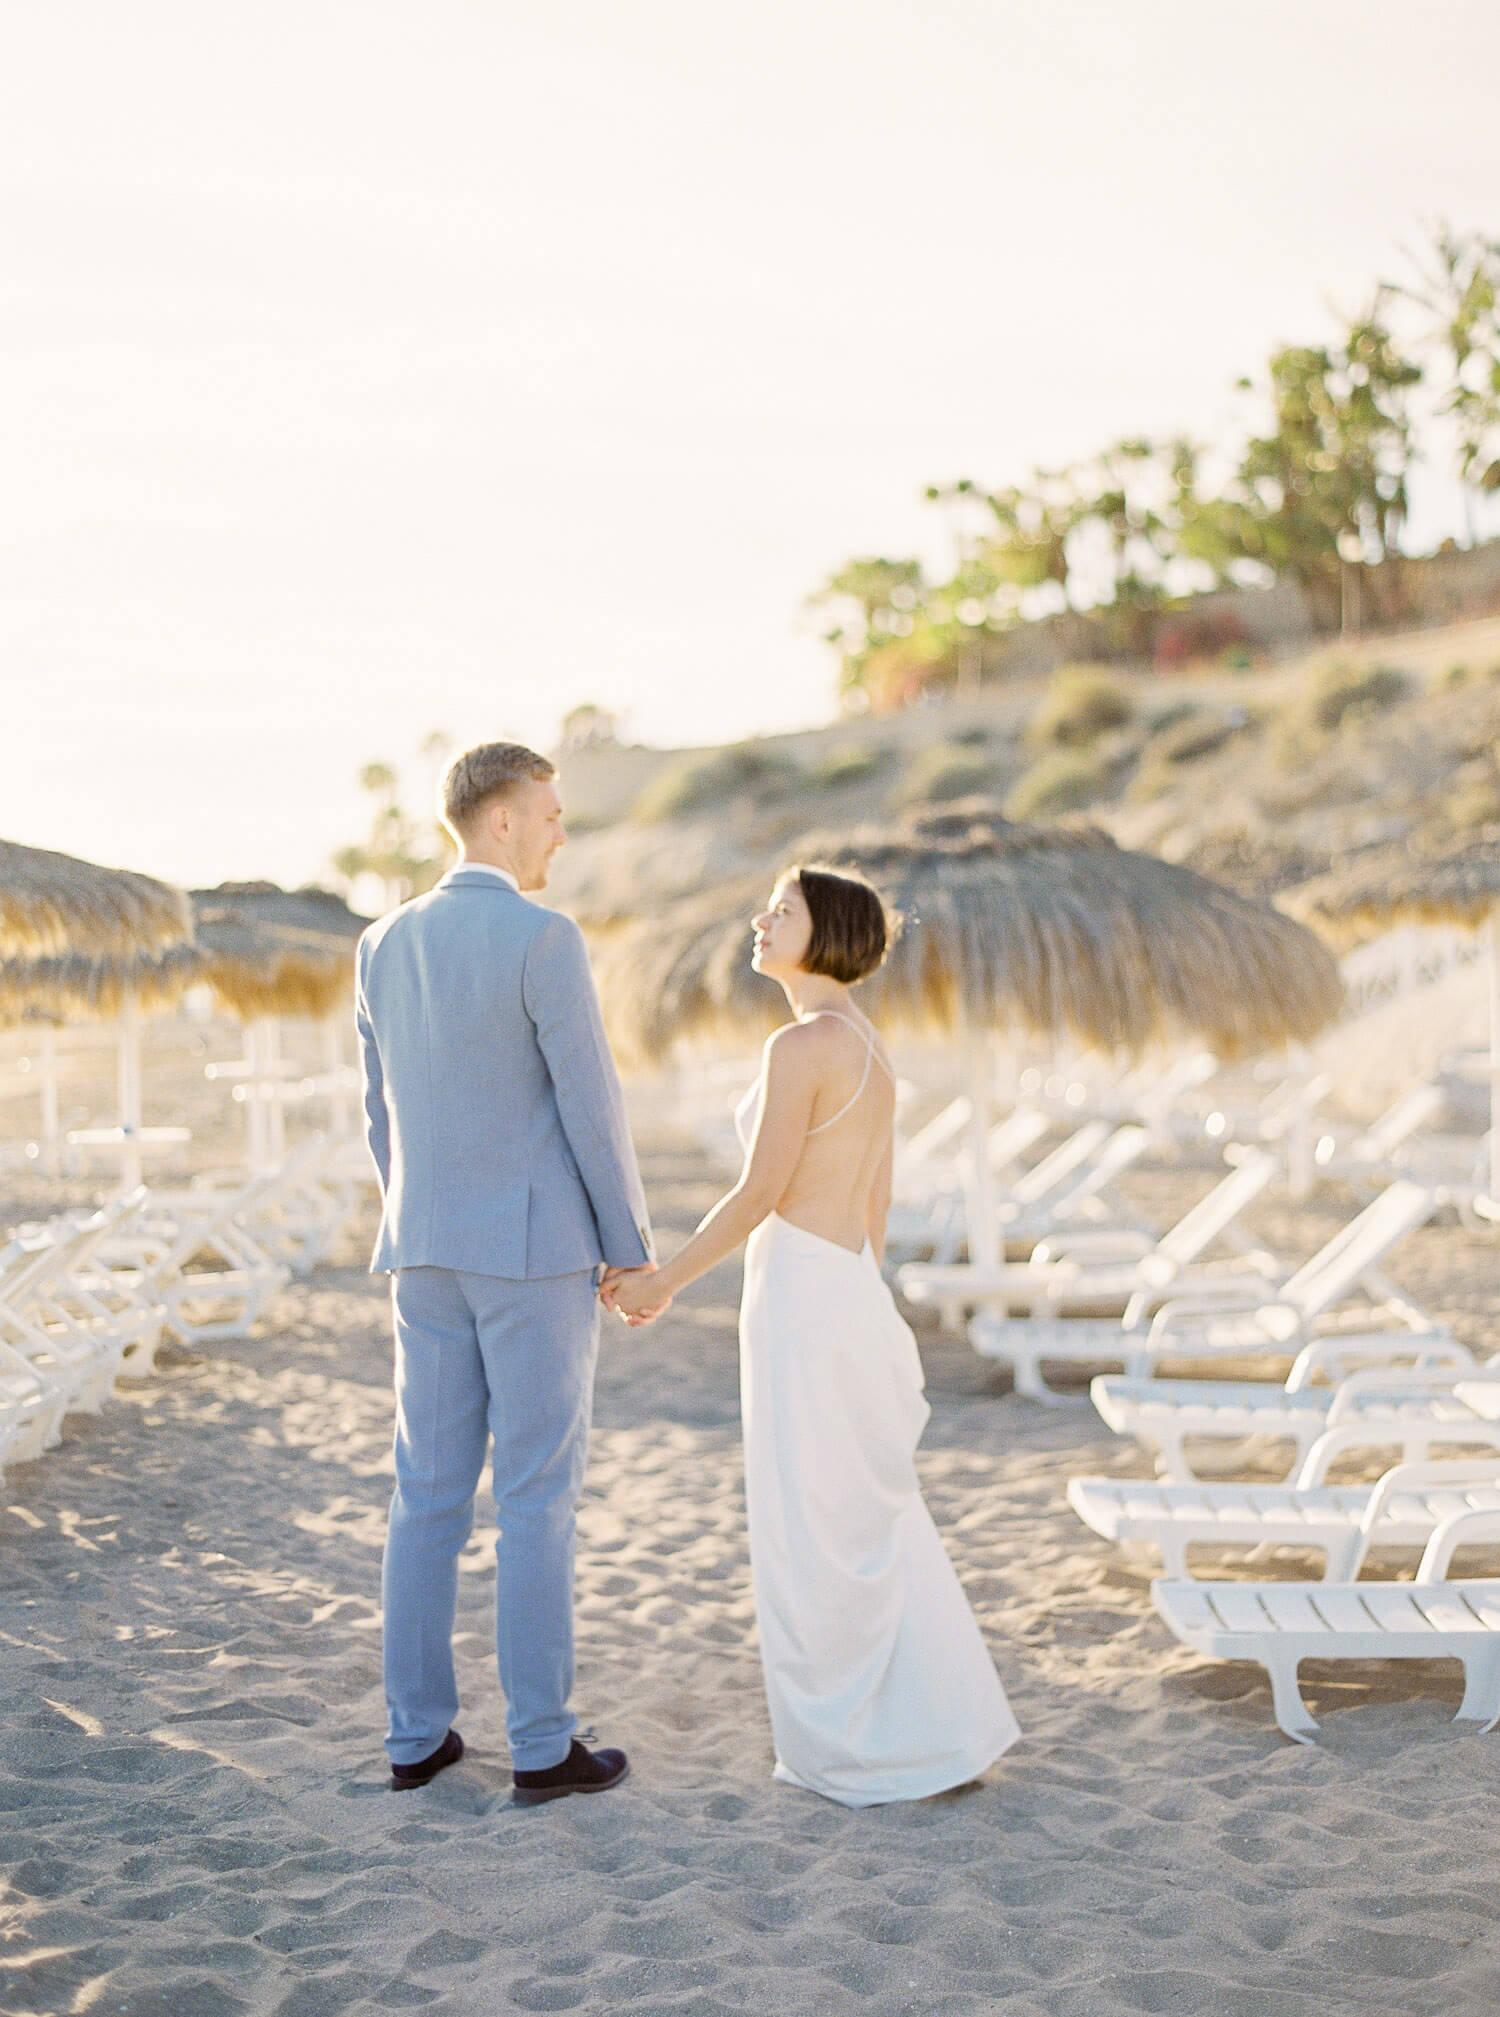 film wedding photographer in Tenerife Lilly Verhaegen